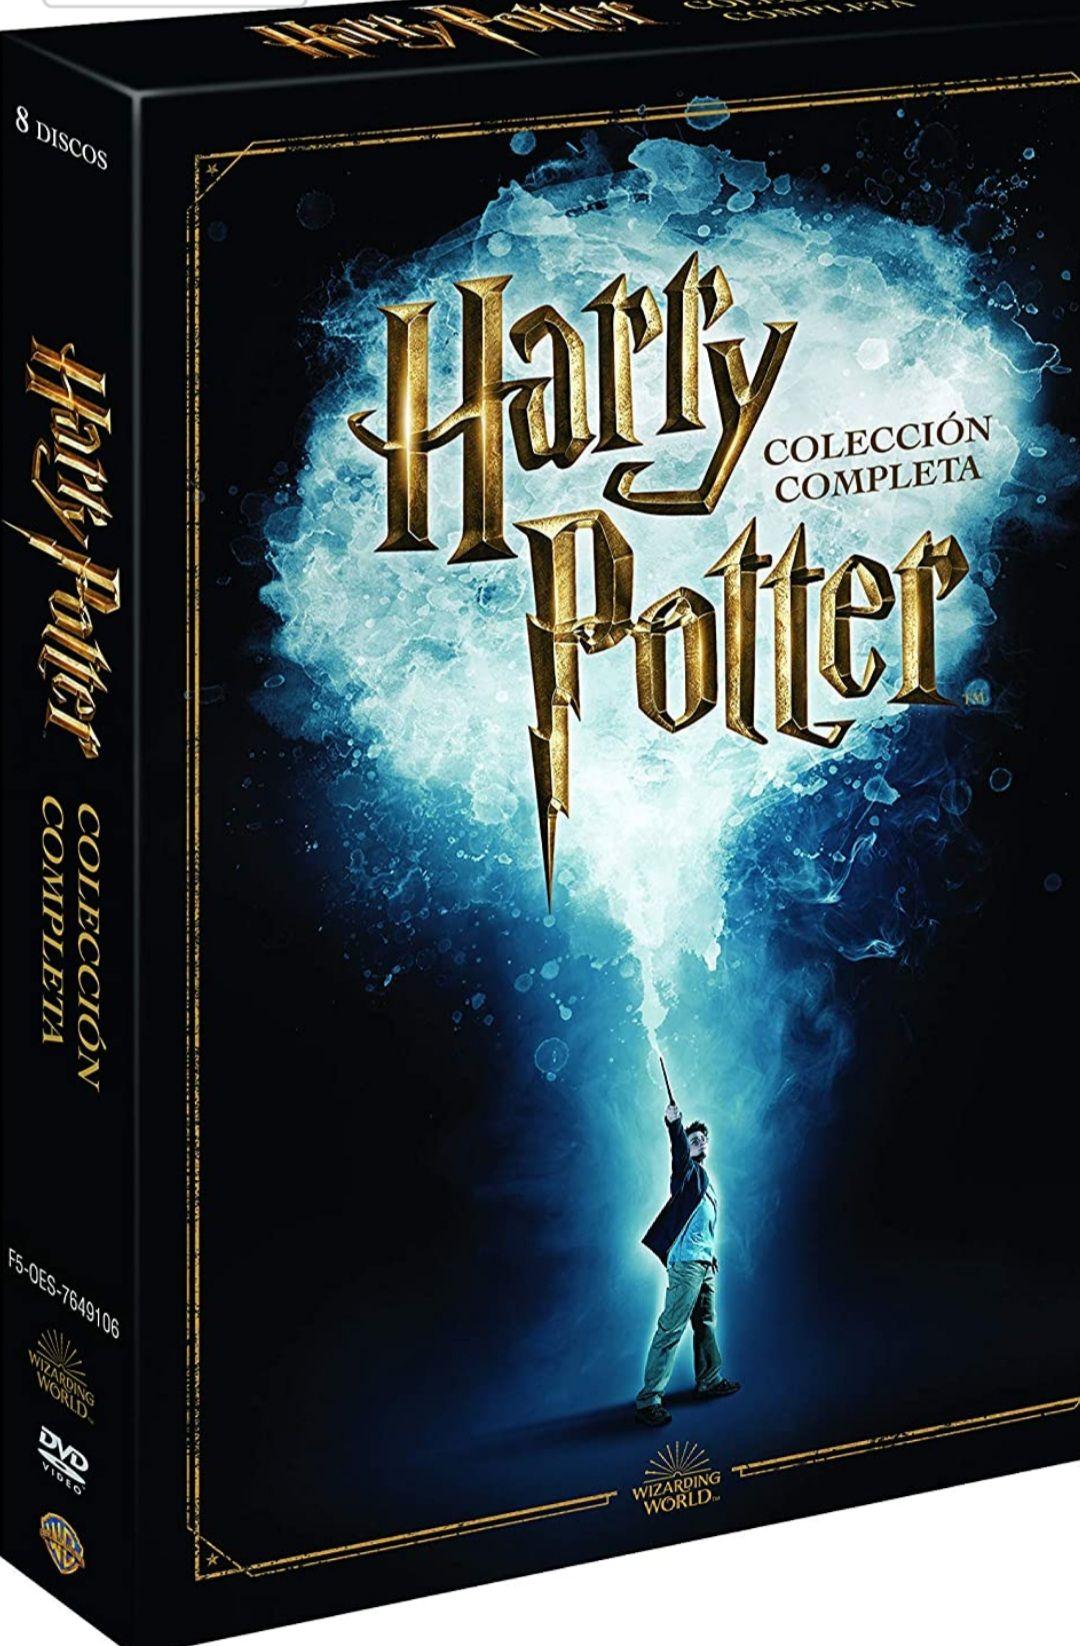 Harry Potter Colección Completa (formato DVD)